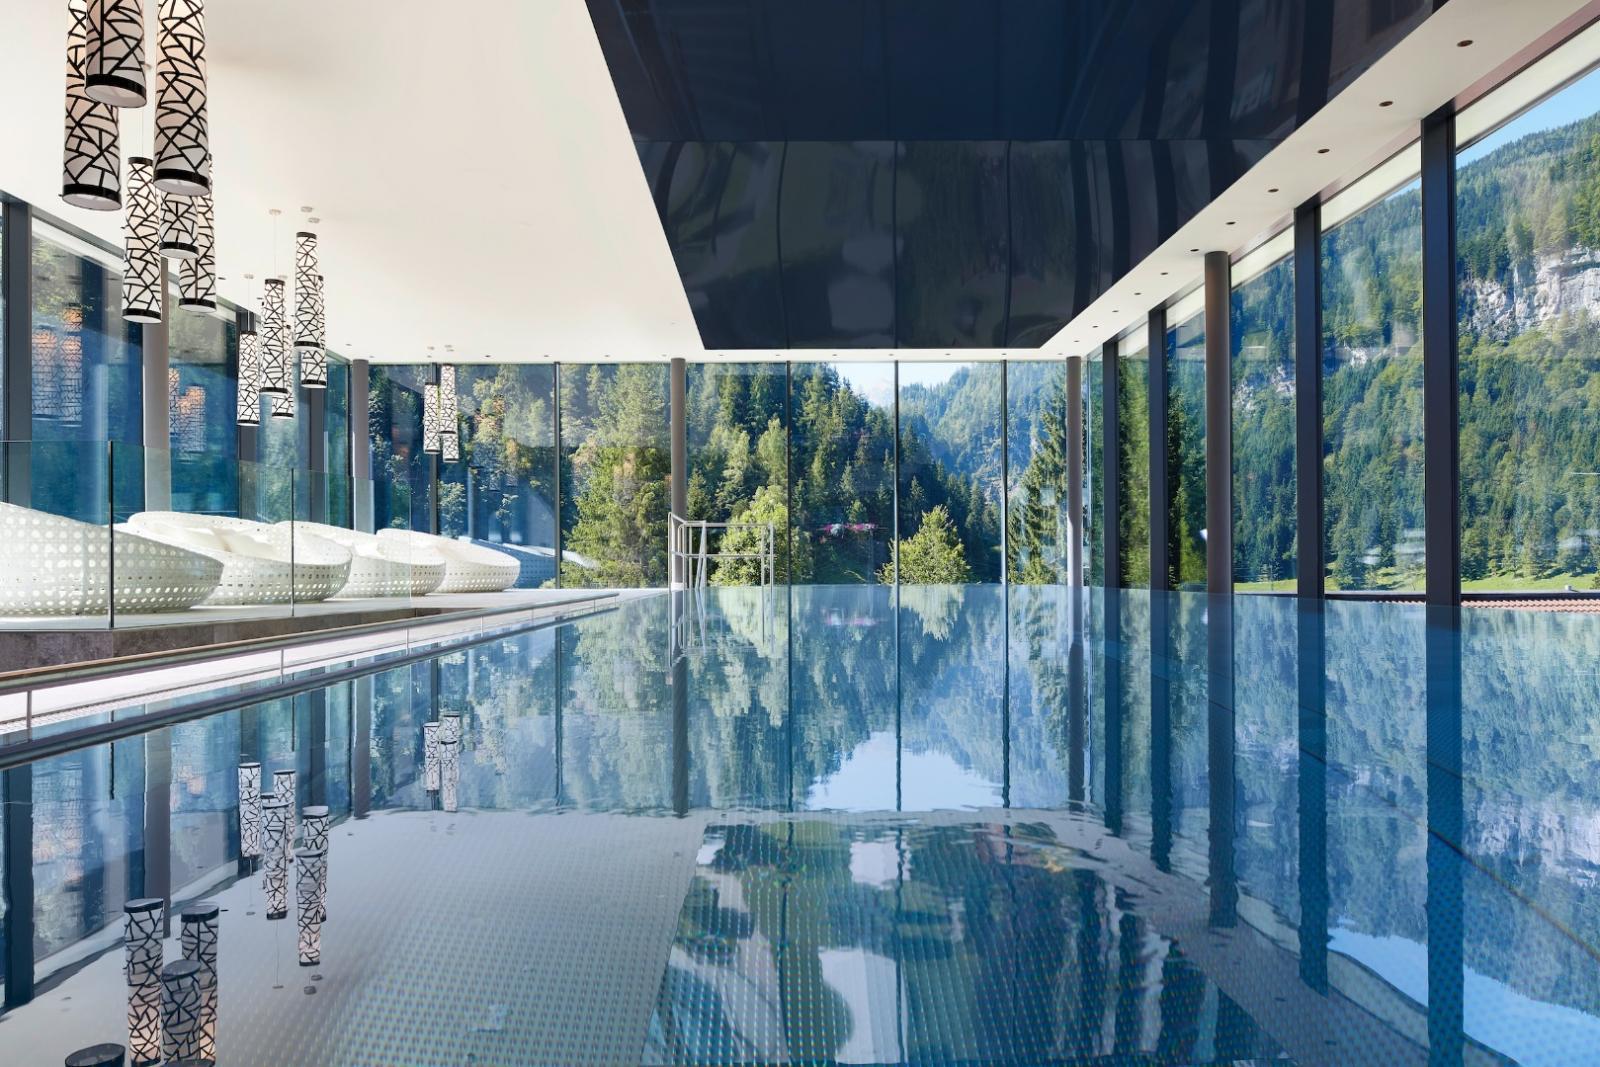 alpin life resort l rzerhof untertauern hotelbewertung. Black Bedroom Furniture Sets. Home Design Ideas